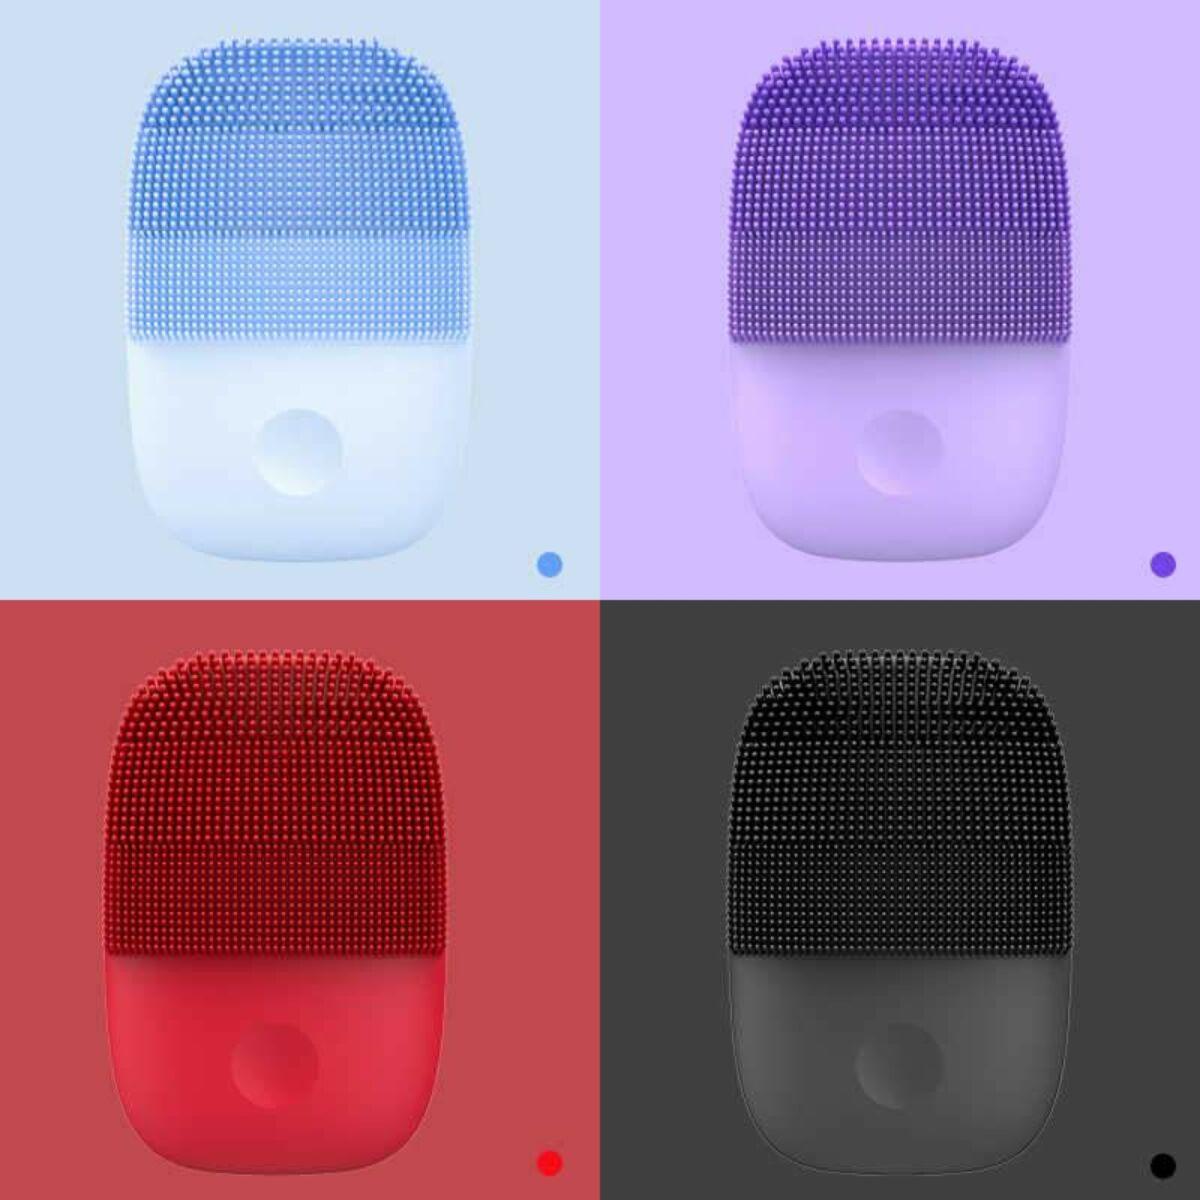 Xiaomi Inface Electric Sonic Facial Cleaner Upgrade Version, Elektronikus arctisztító ecset, lila EU